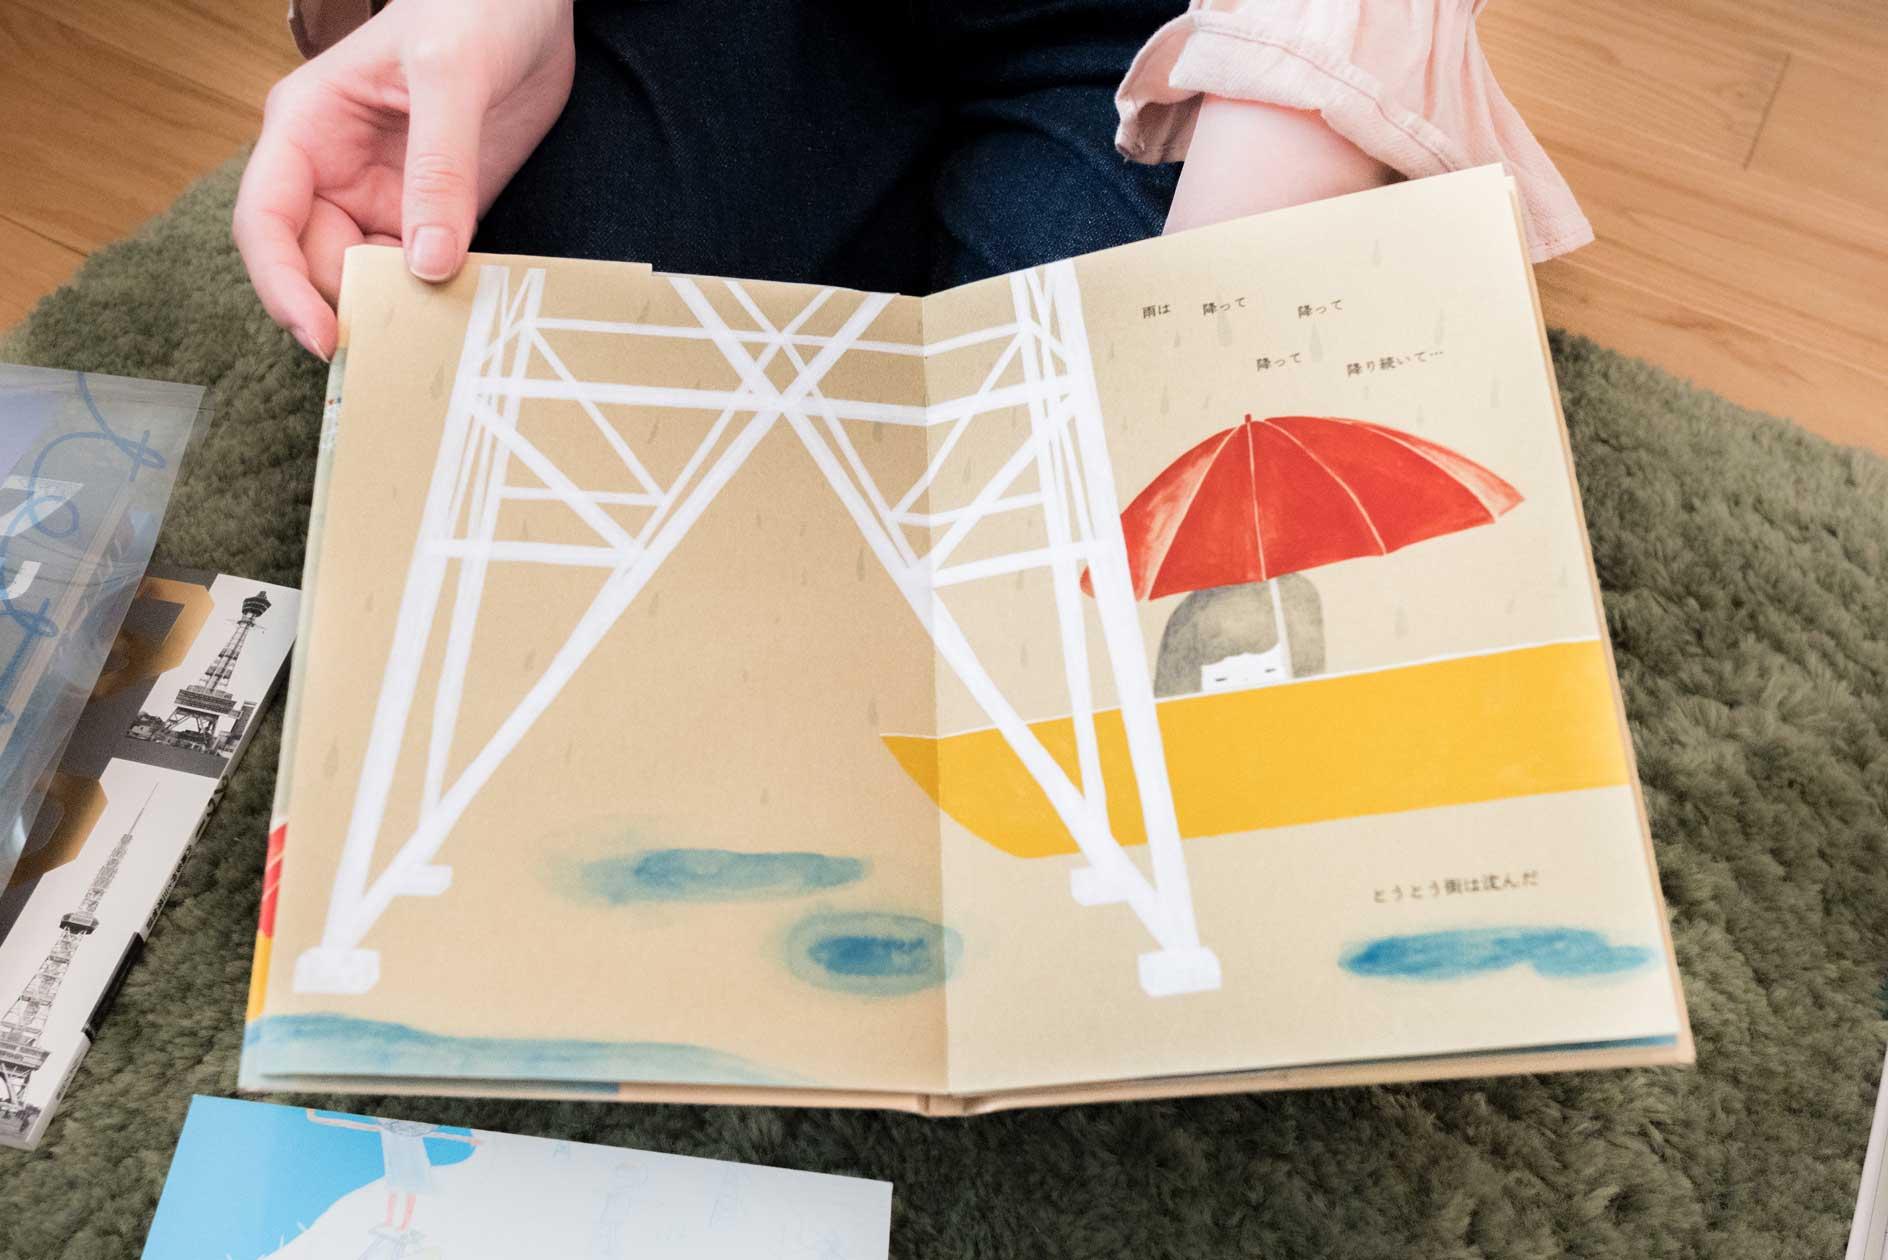 この鉄塔足元のトラスの組み方描写に「うむ」と頷く人も多いのではないか。すごくすてきだ。出版してほしい!